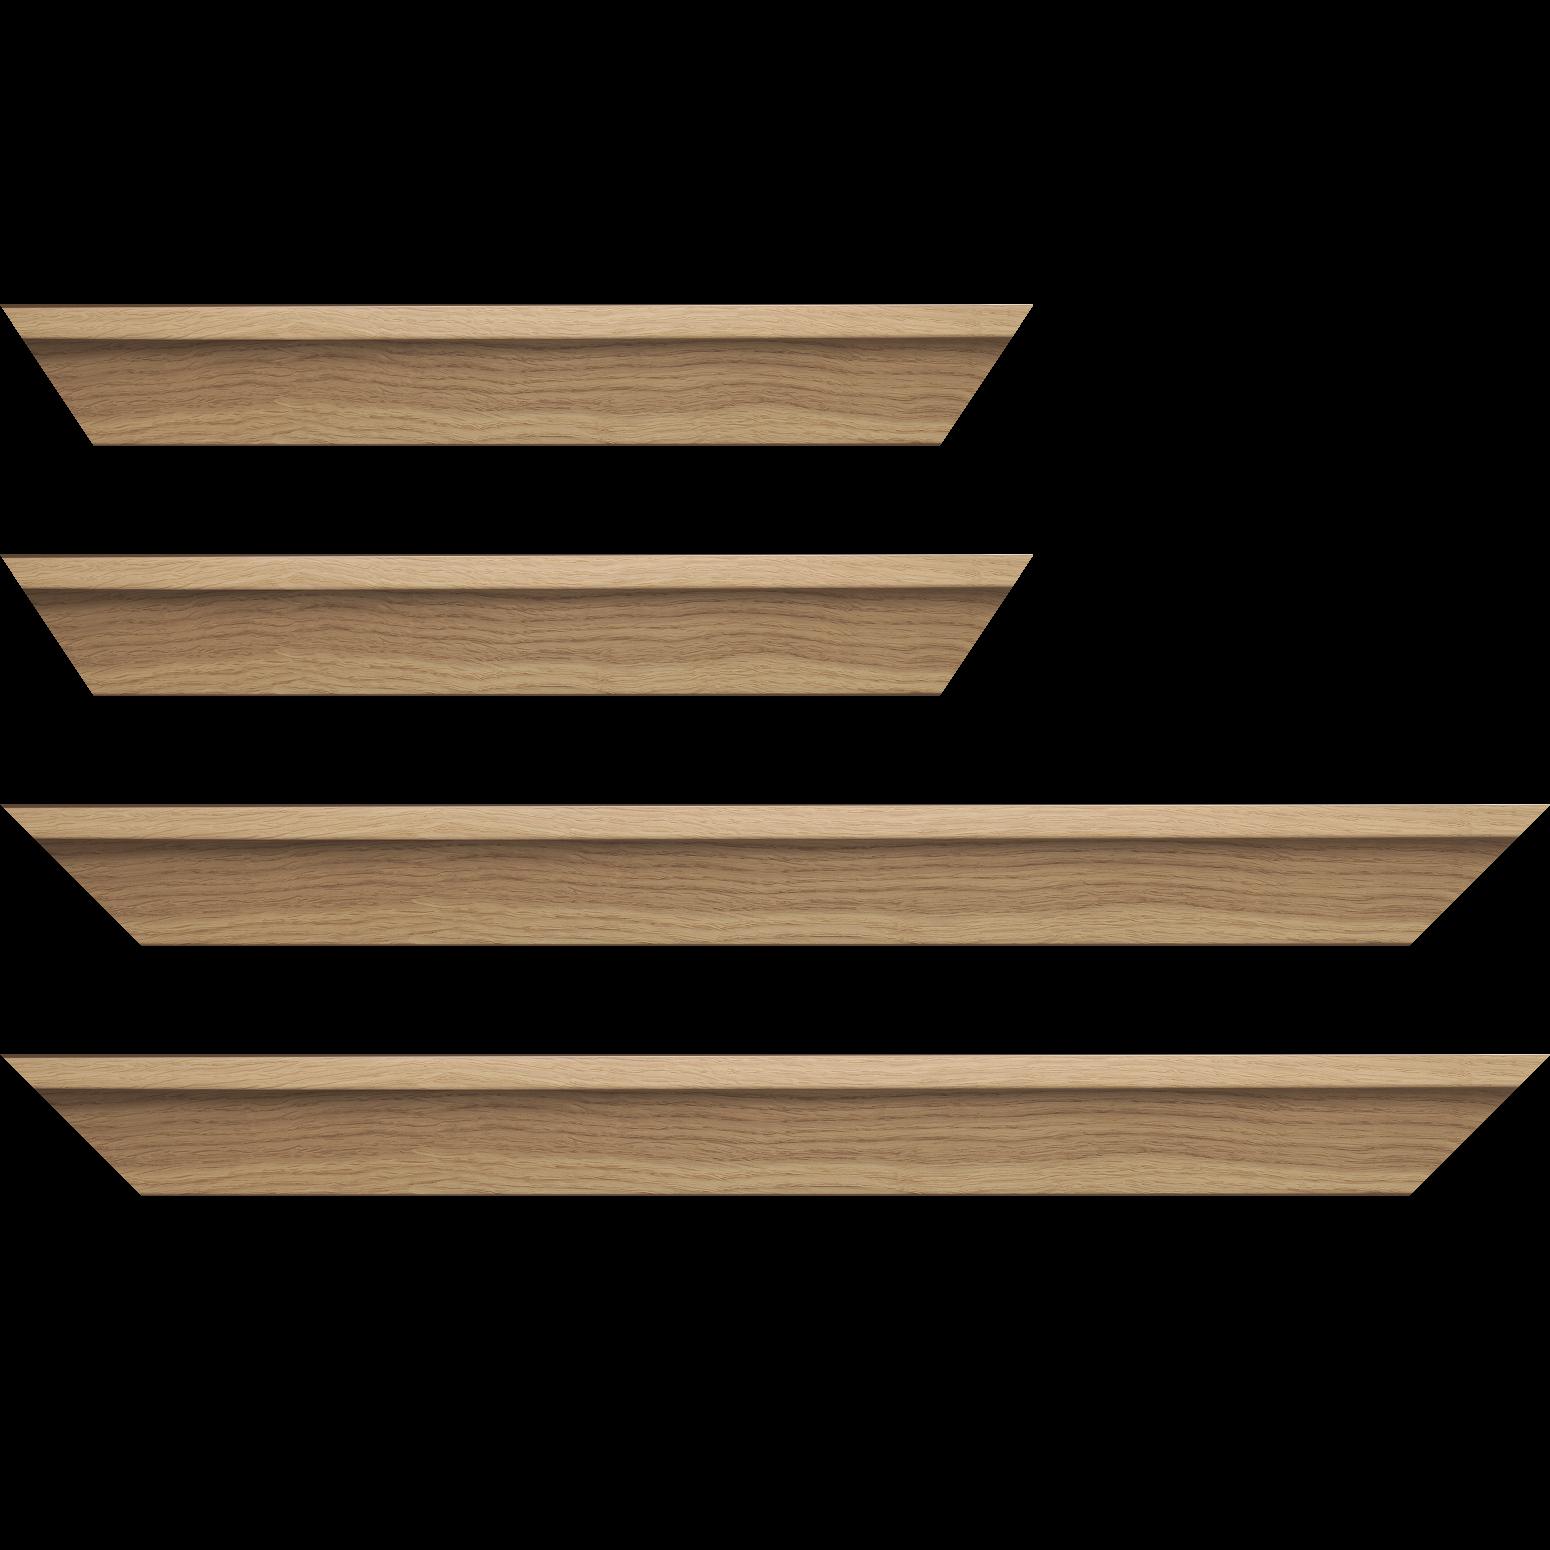 Baguette service précoupé Bois caisse américaine profil en L largeur 4.5cm placage haut de gamme chêne naturel (spécialement conçu pour les châssis d'une épaisseur jusqu'à 3.5cm ) information complémentaire : il faut renseigner la dimension précise de votre sujet et l'espace intérieur entre la toile et le cadre sera de 1.5cm